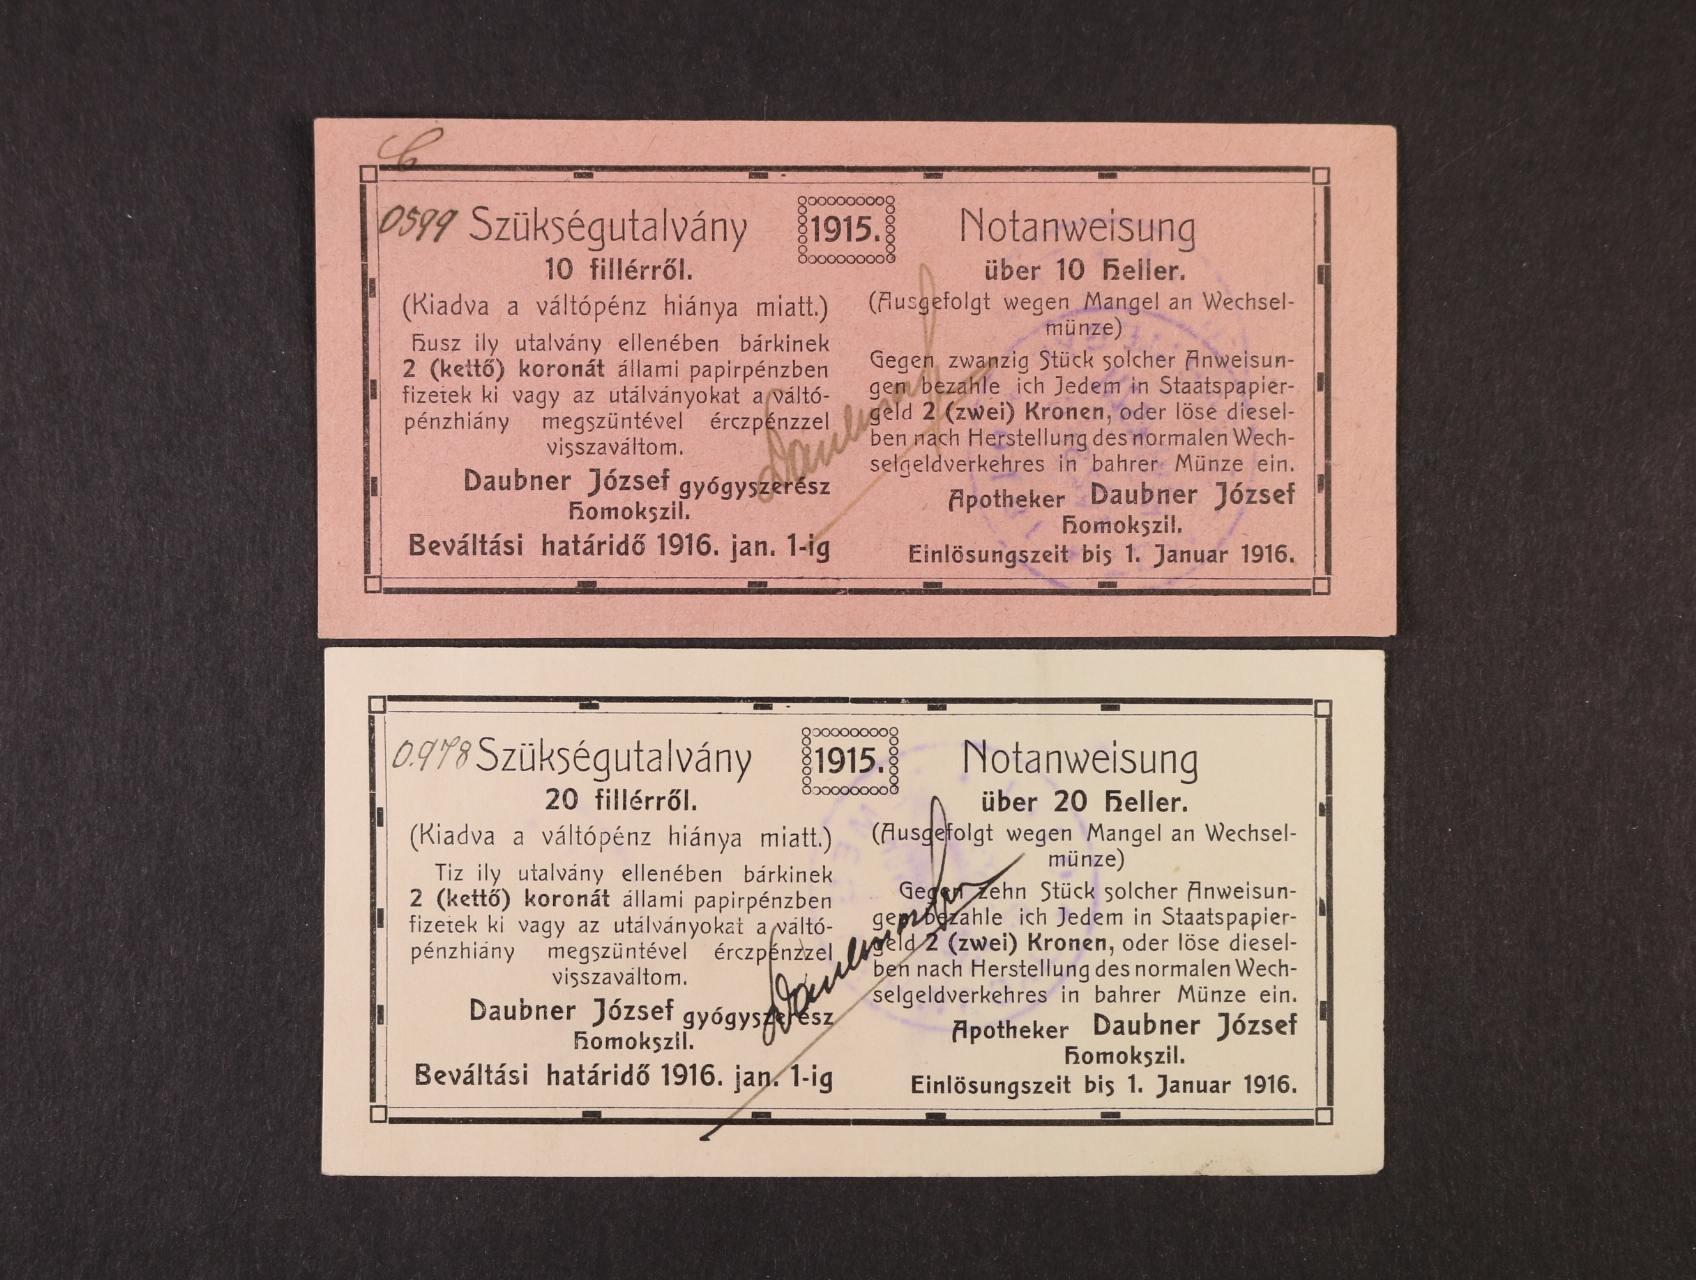 Homokszil (Uljma Srbsko), 10 a 20 heller 1.1.1916 Apotheker Daubner József, raz. podpisy